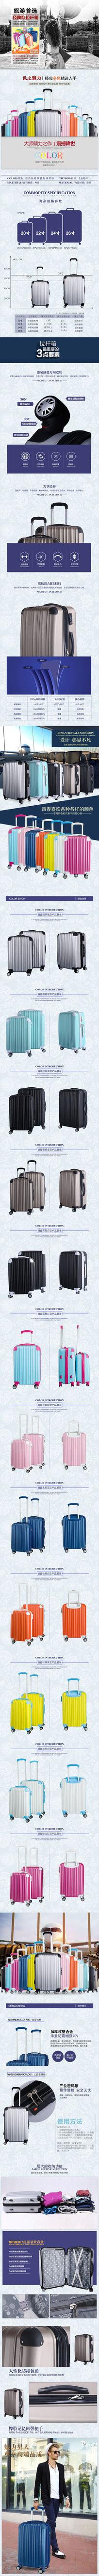 行李箱子详情模板